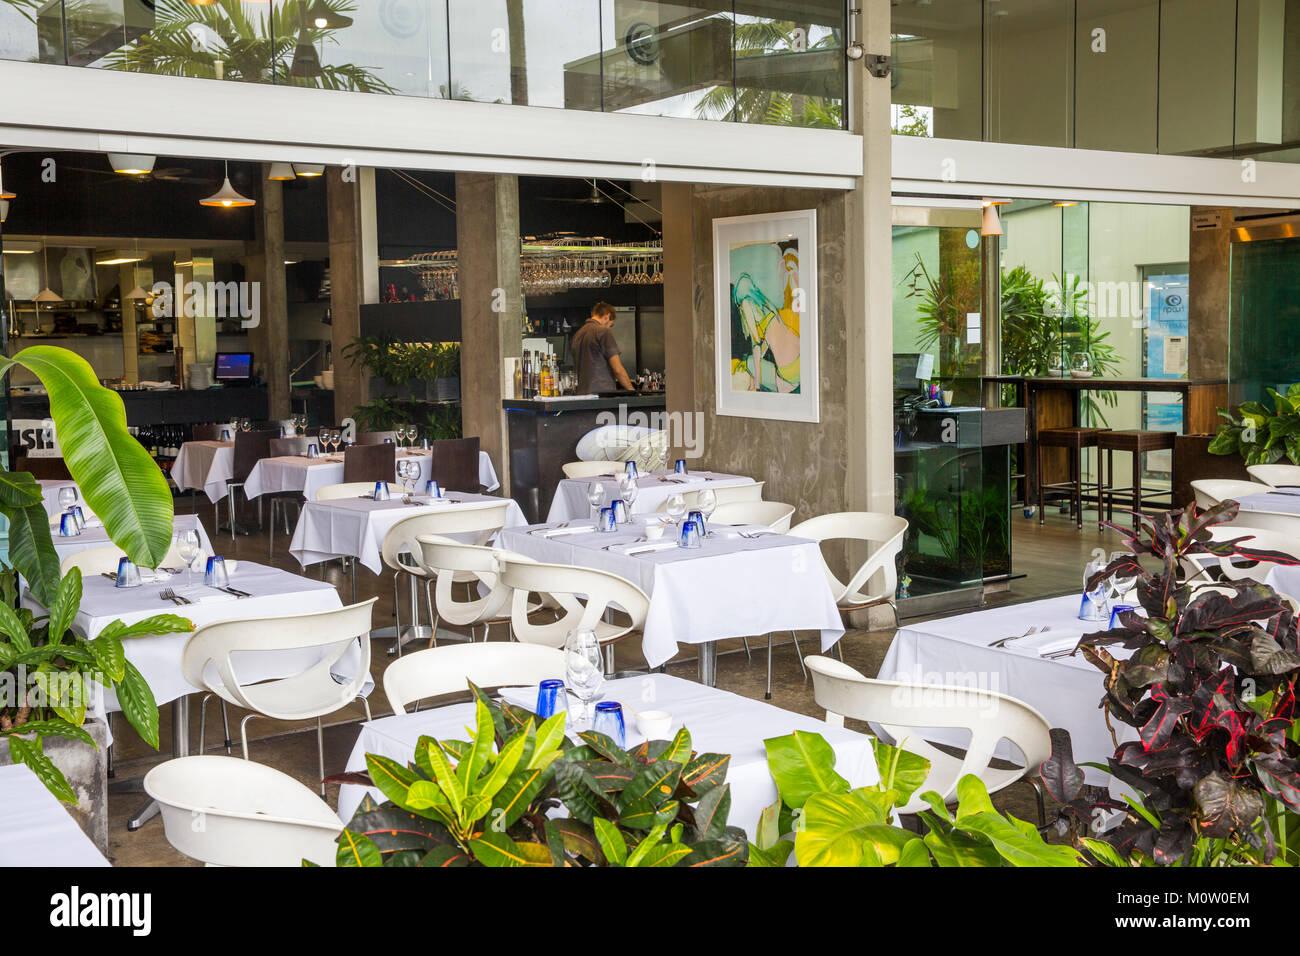 2 fish restaurant in Port Douglas, Far north queensland,Australia - Stock Image